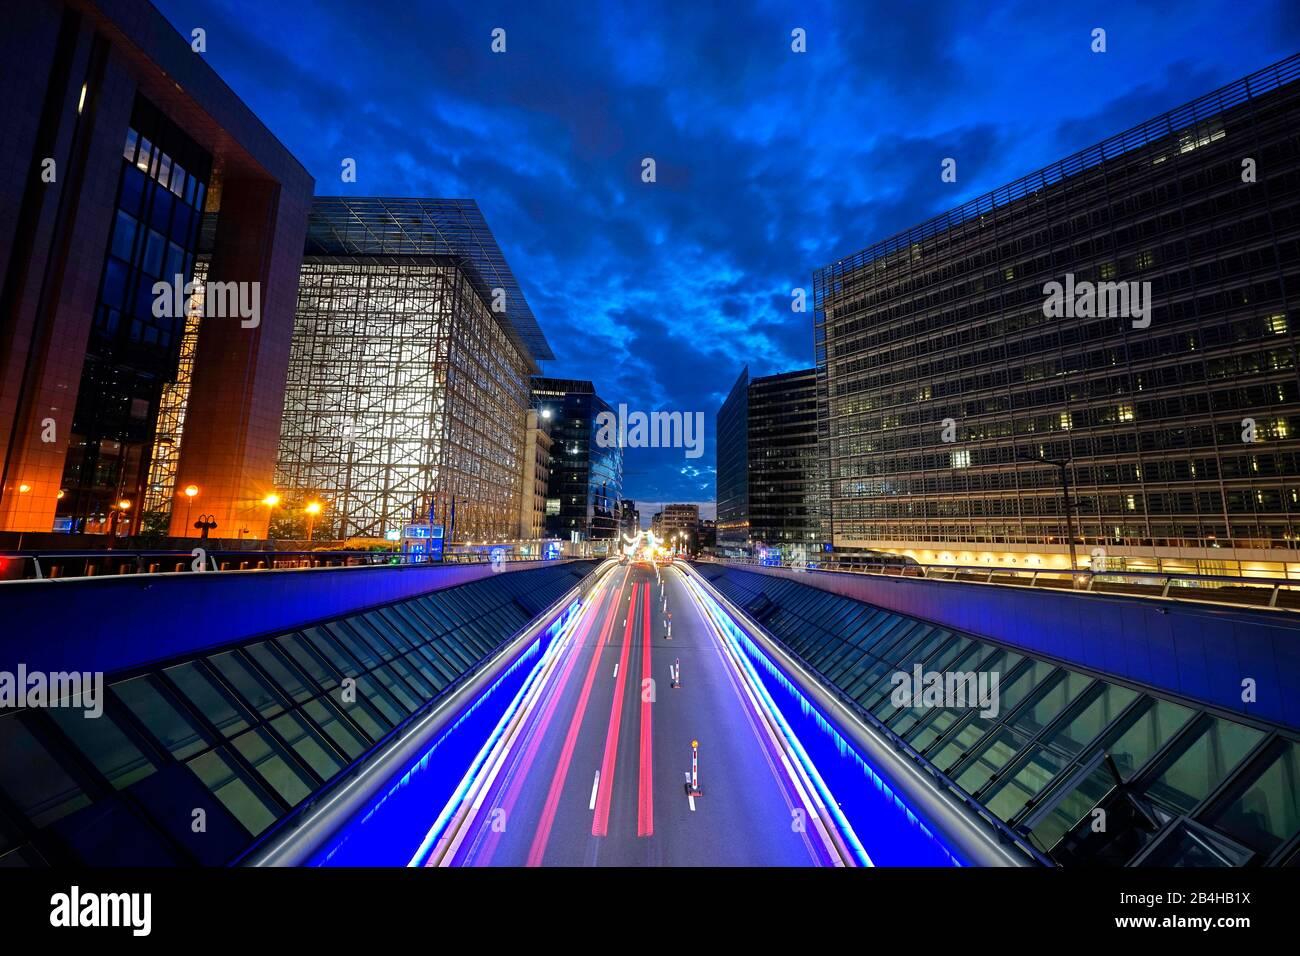 Europa, Bélgica, Bruselas, Barrio Europeo, izquierda Consejo de Europa, derecha Comisión Europea, tarde, calle, franjas de luz Foto de stock